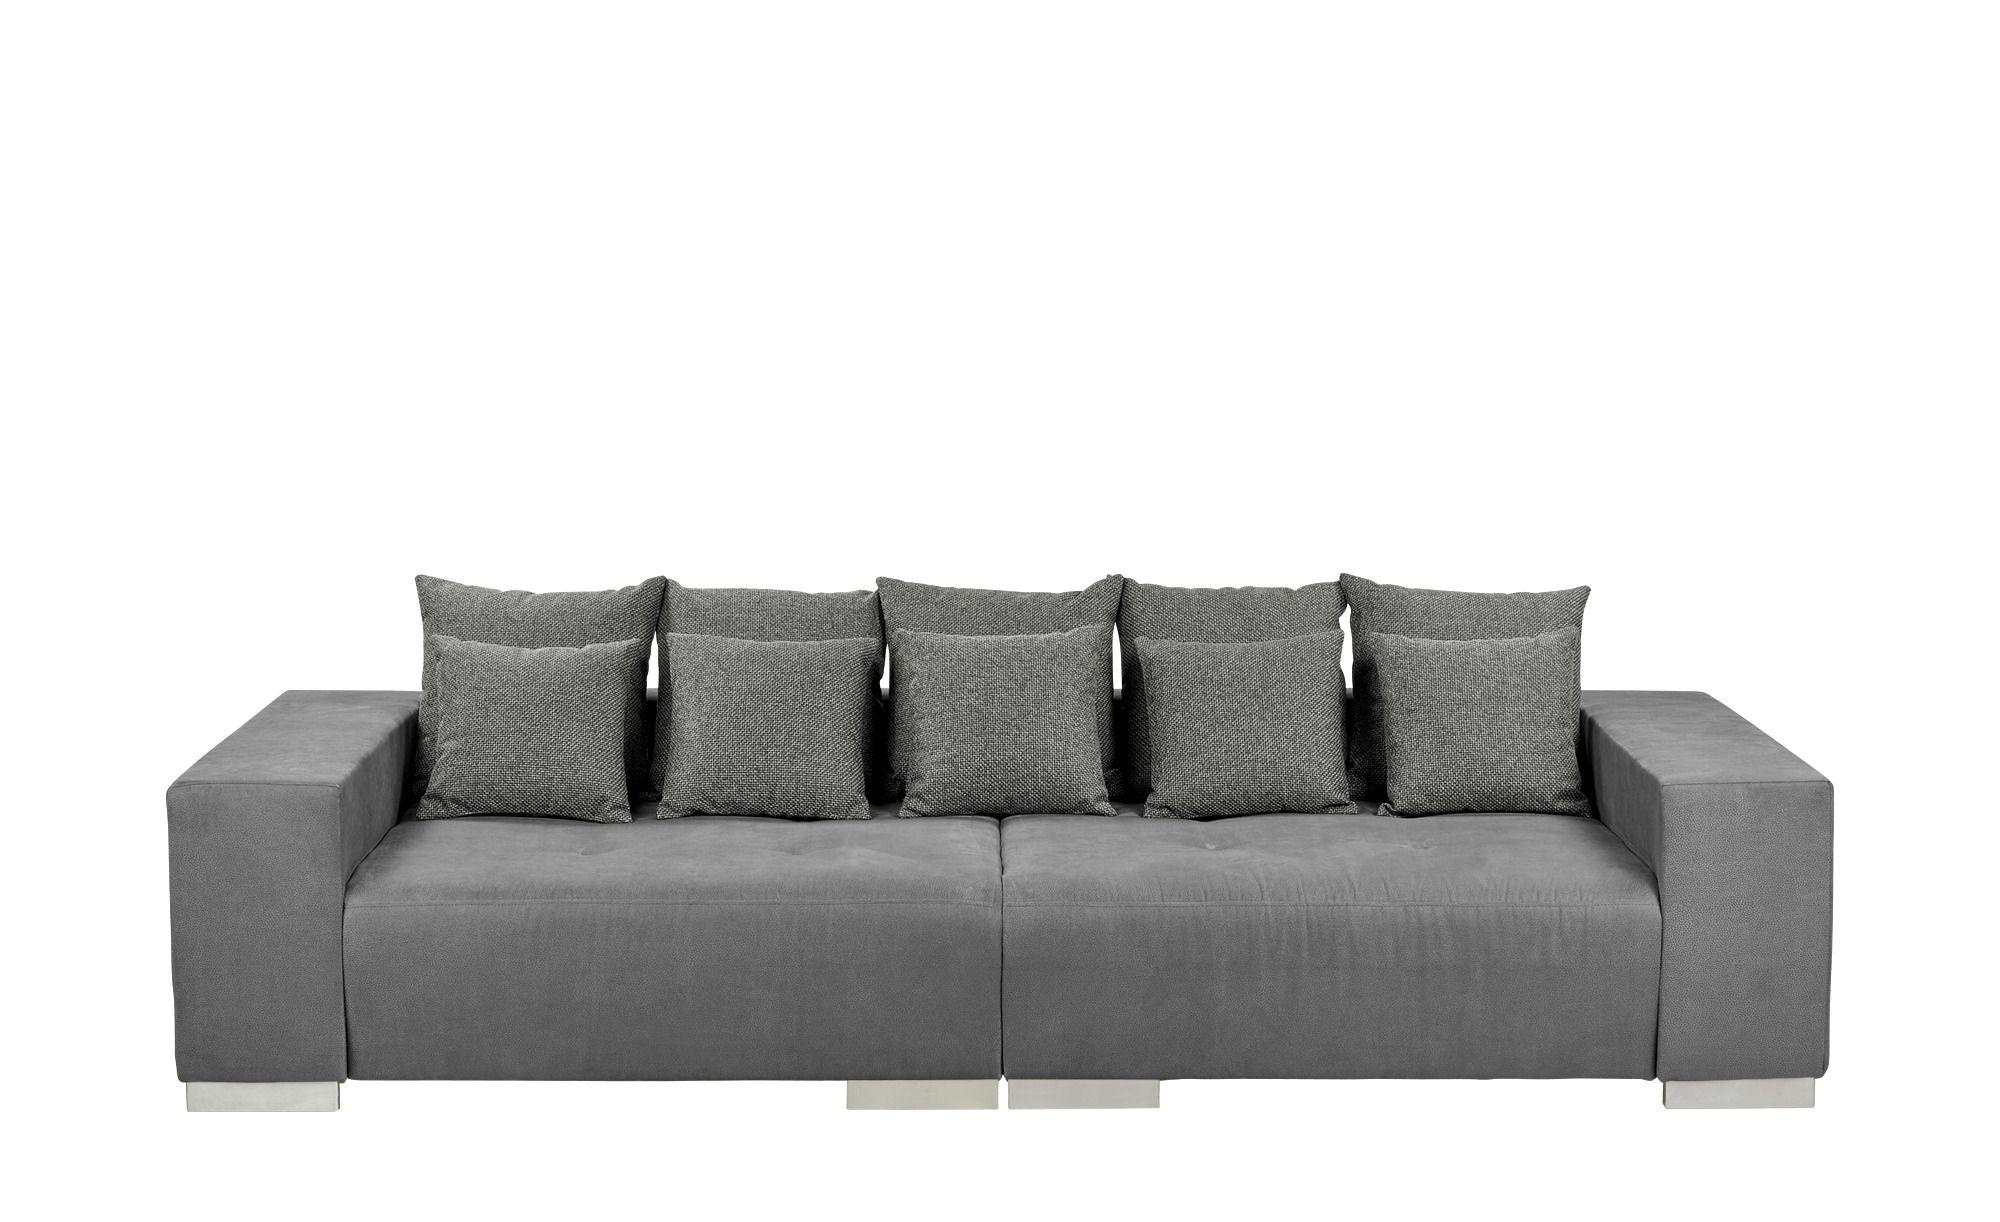 Graue Sofa Dekoration : Genial big sofa grau deutsche deko pinterest sofas and